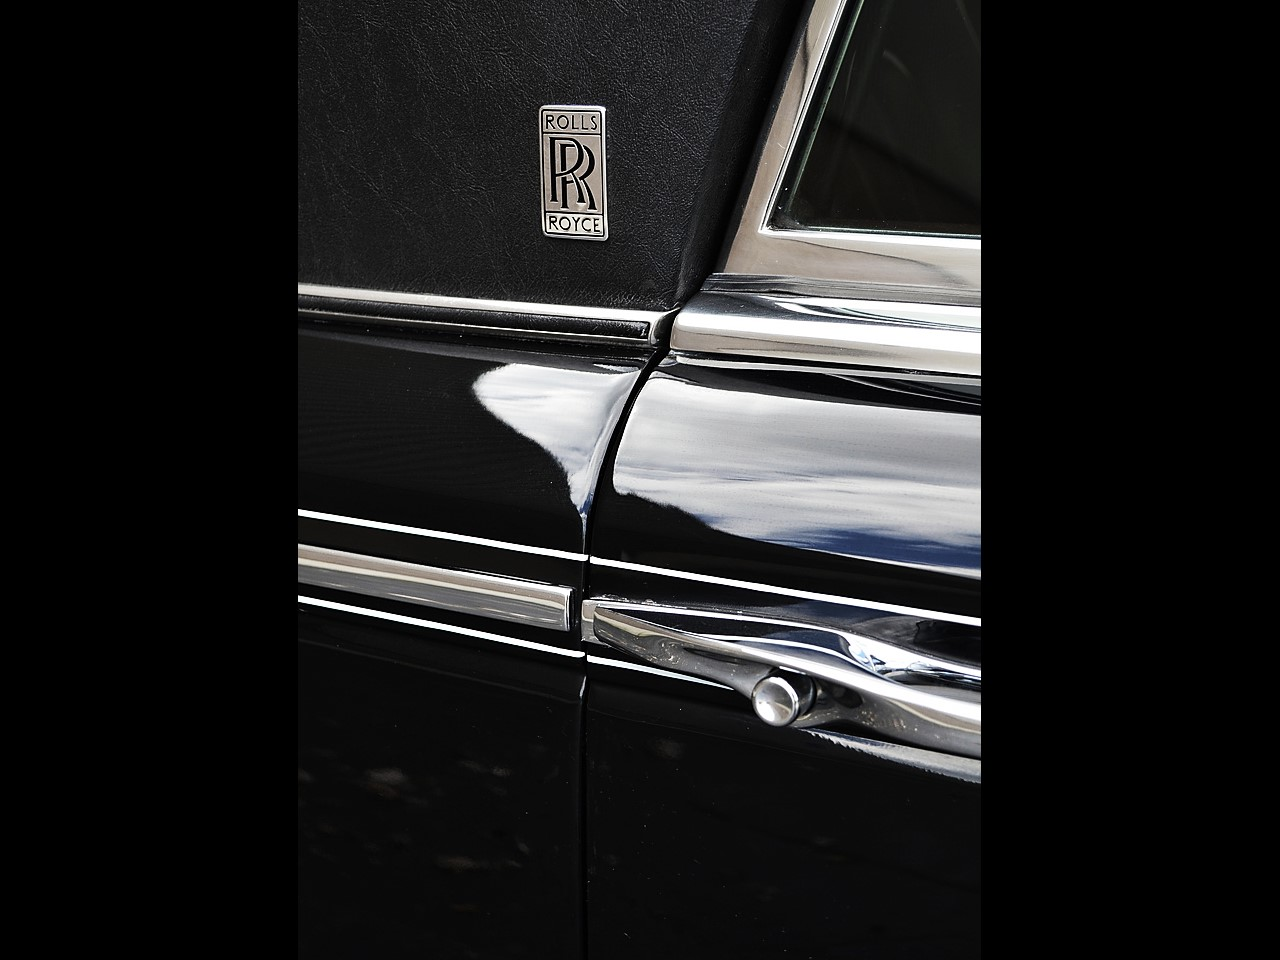 1980 Silver Wraith II 4-dooe saloon 5